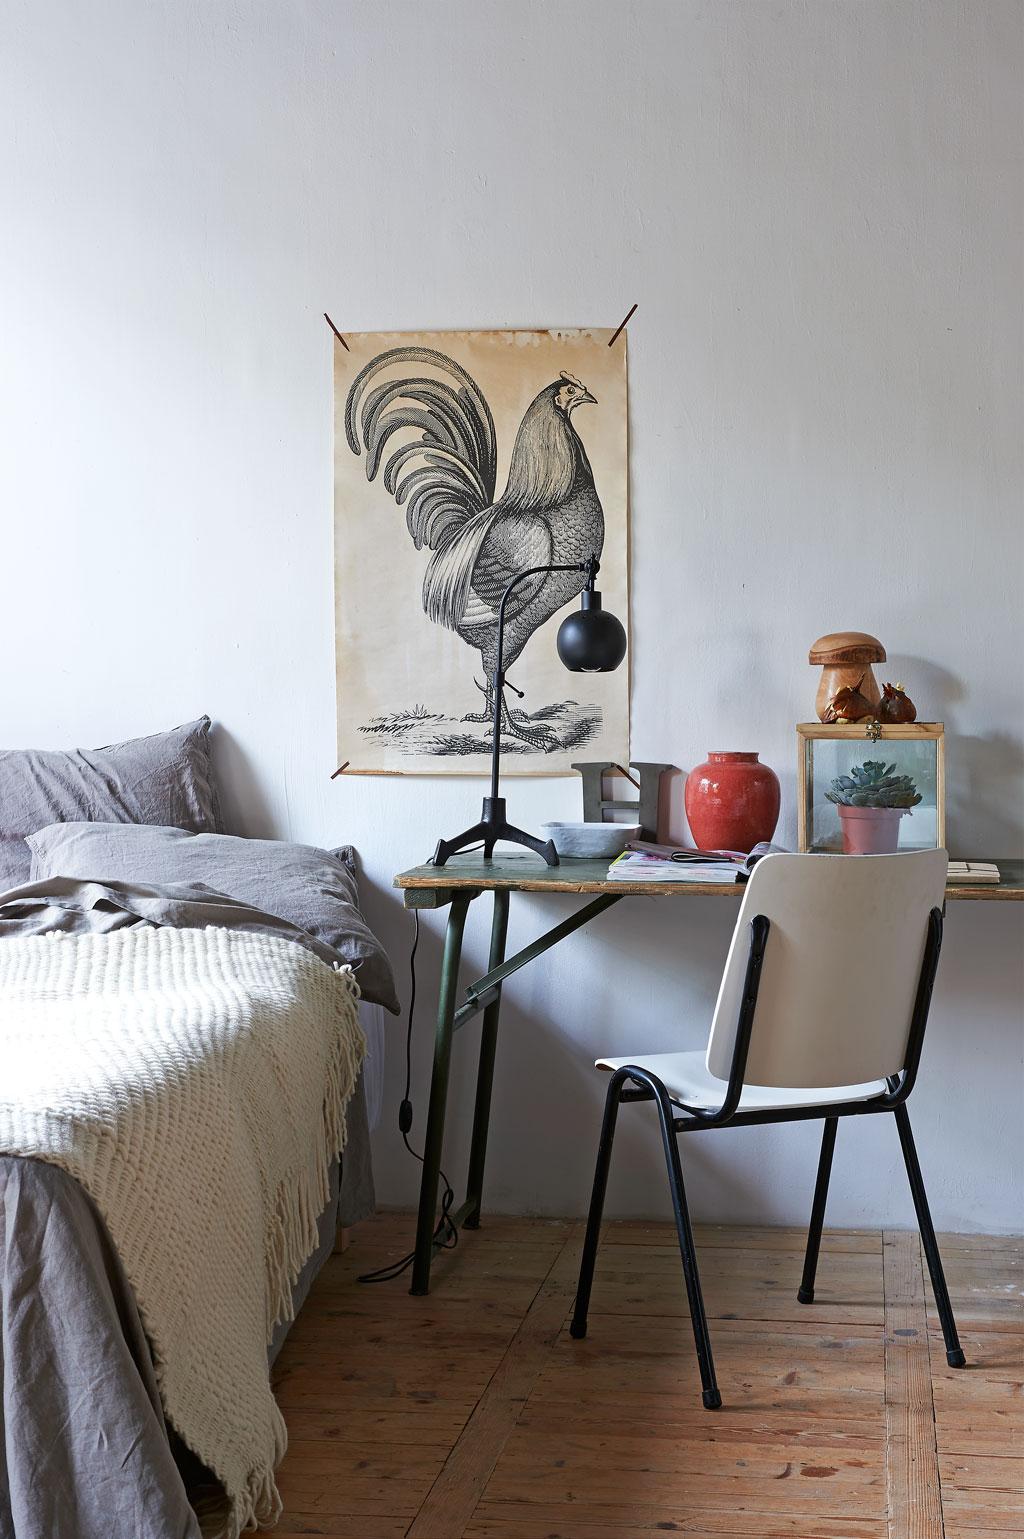 nachtkastje werkplek slaapkamer bed